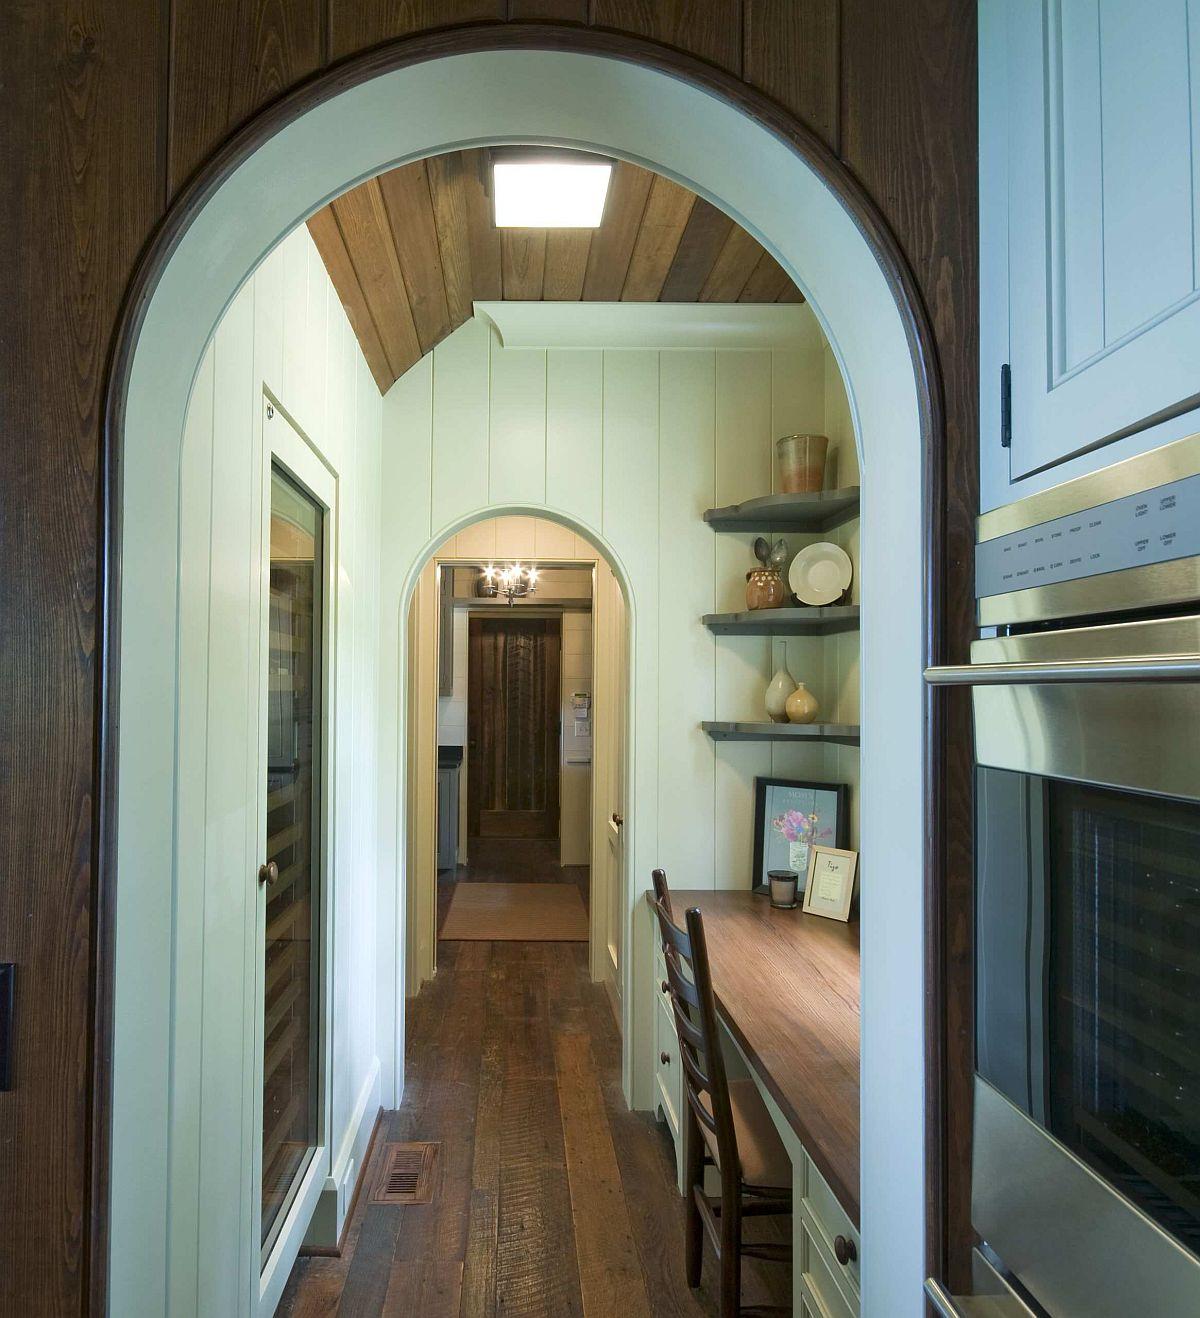 Hành lang truyền thống biến thành một không gian làm việc tại nhà đáng yêu, có ý thức về không gian.